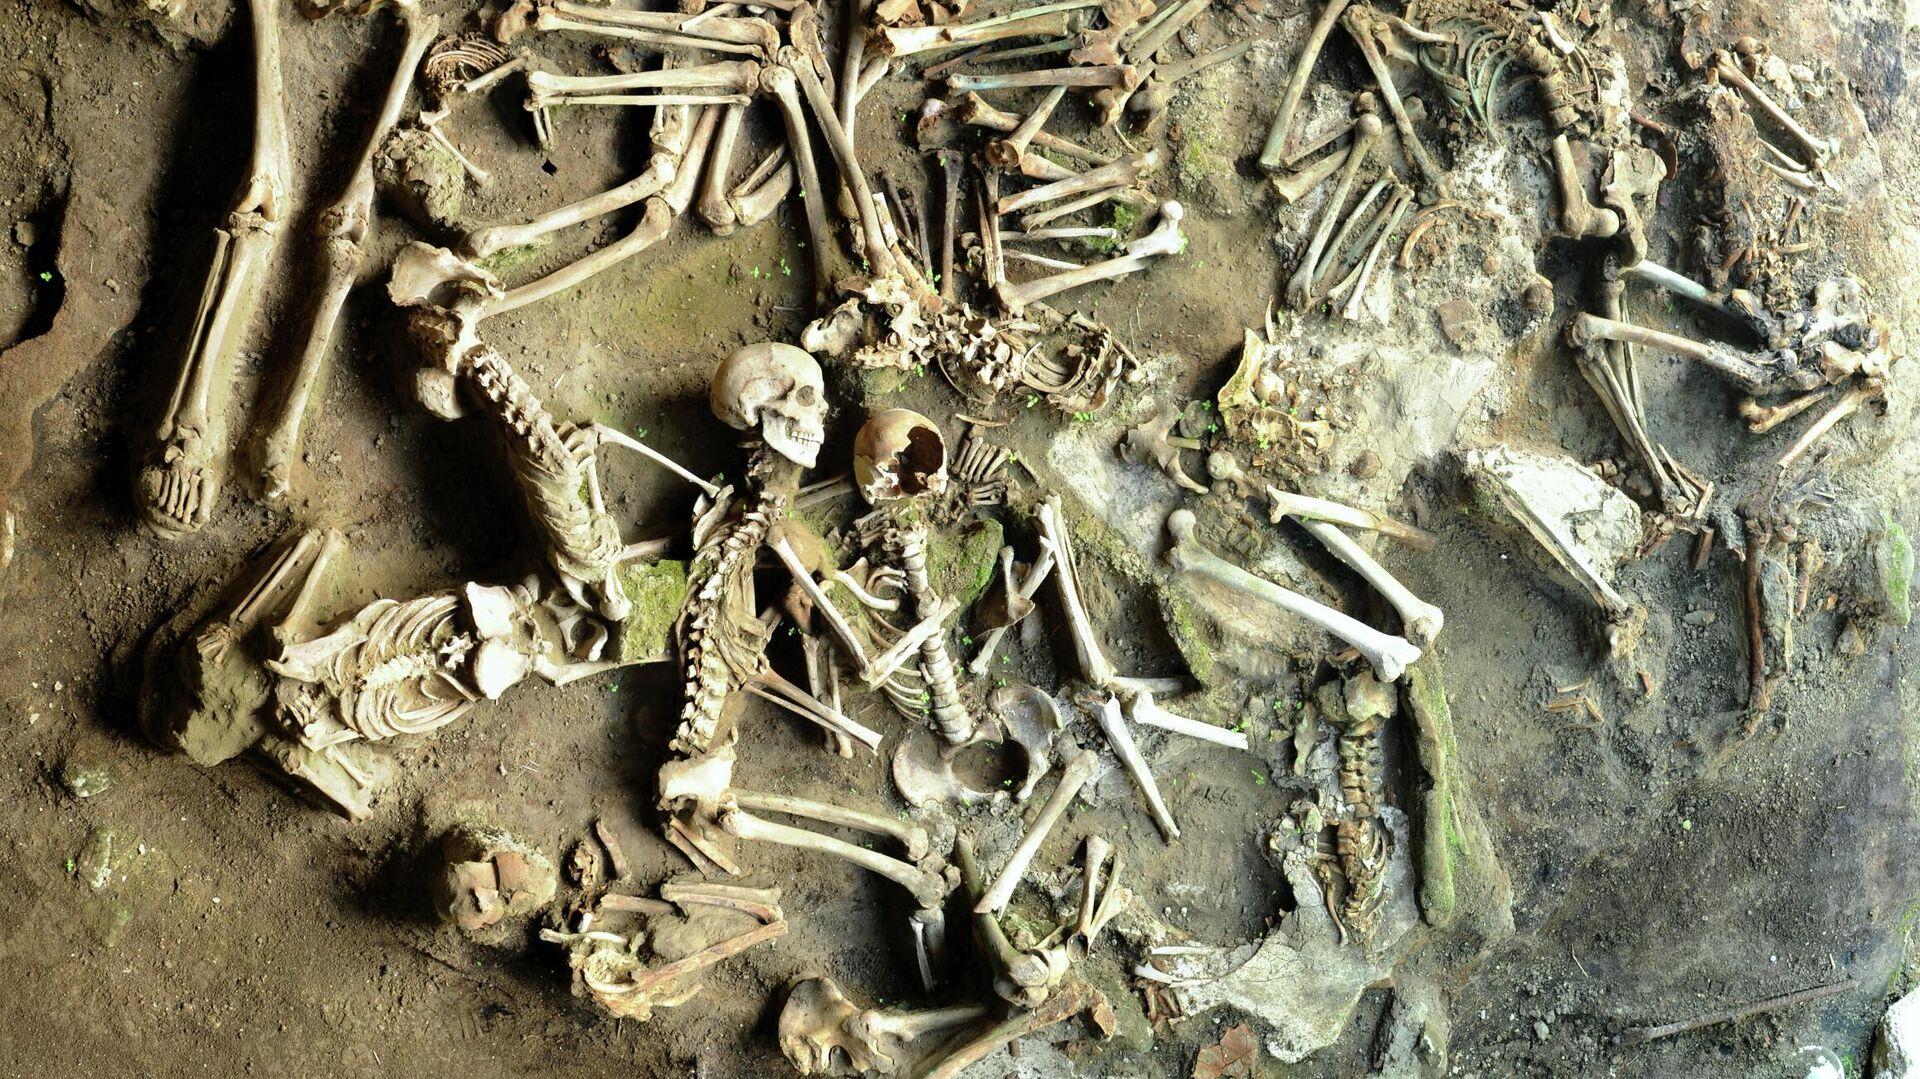 Ученые установили различия в рационе мужчин и женщин в Древнем Риме